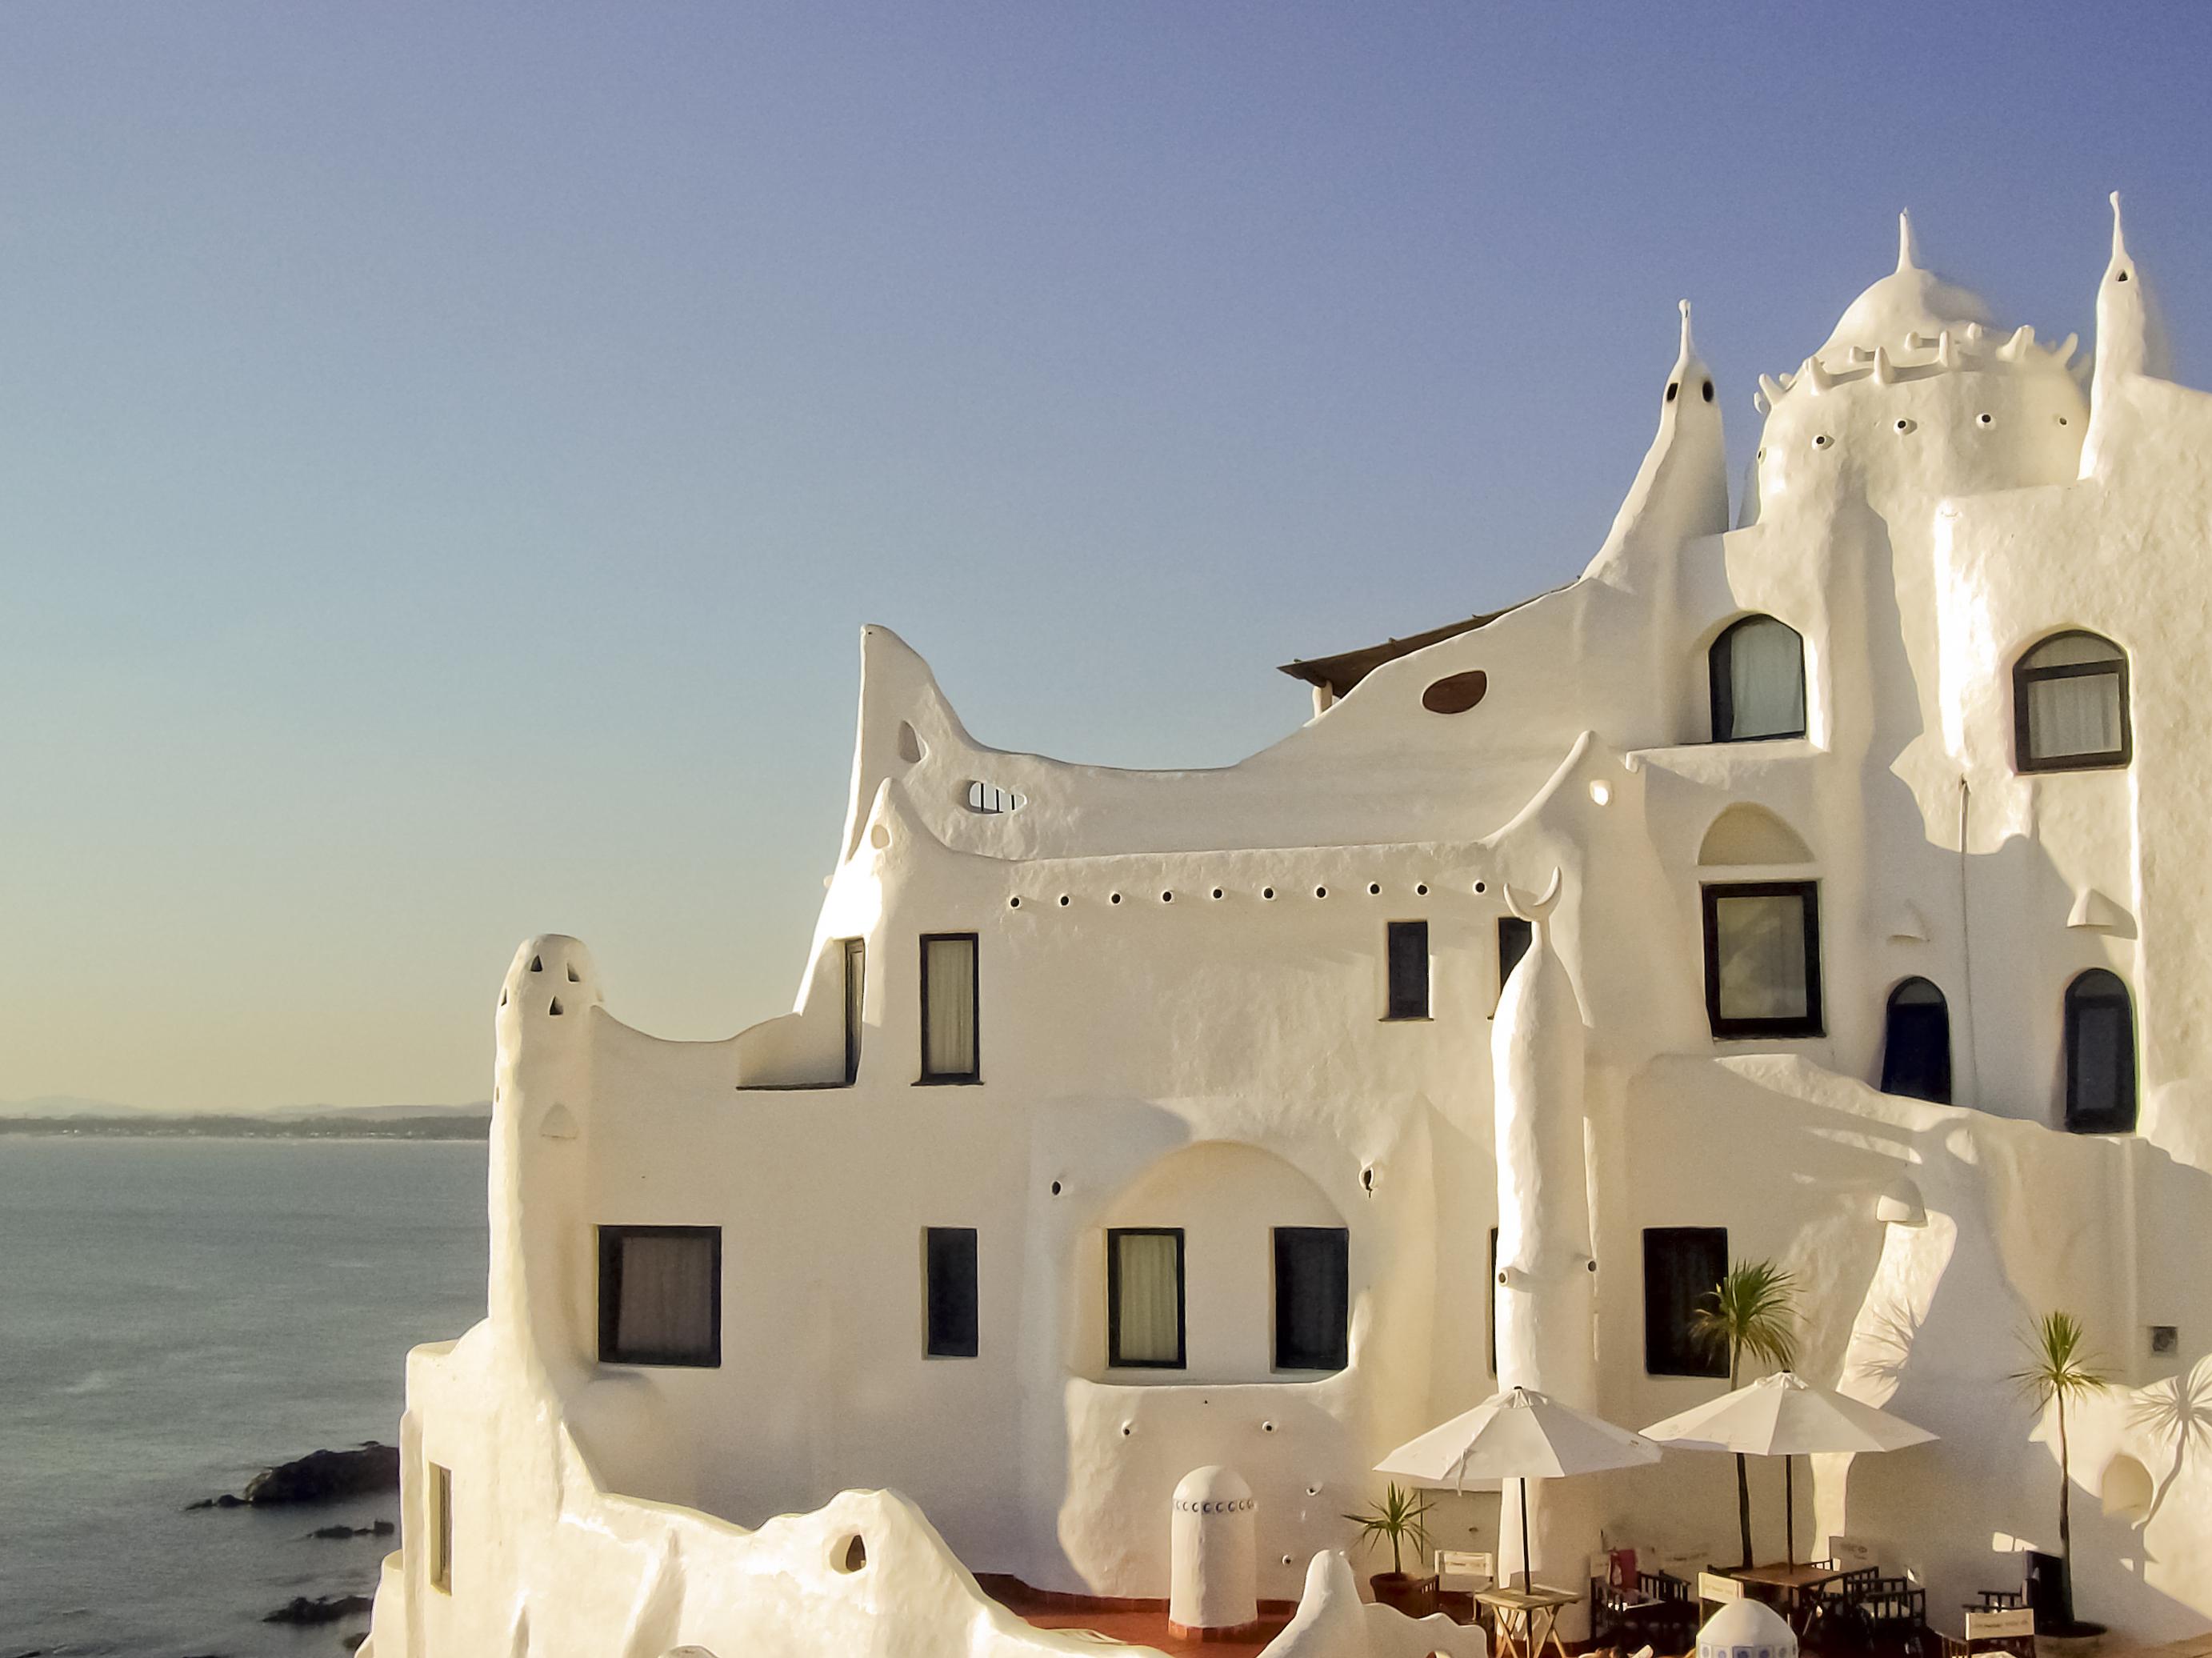 Miniférias: quatro opções de destinos internacionais para conhecer nos feriados